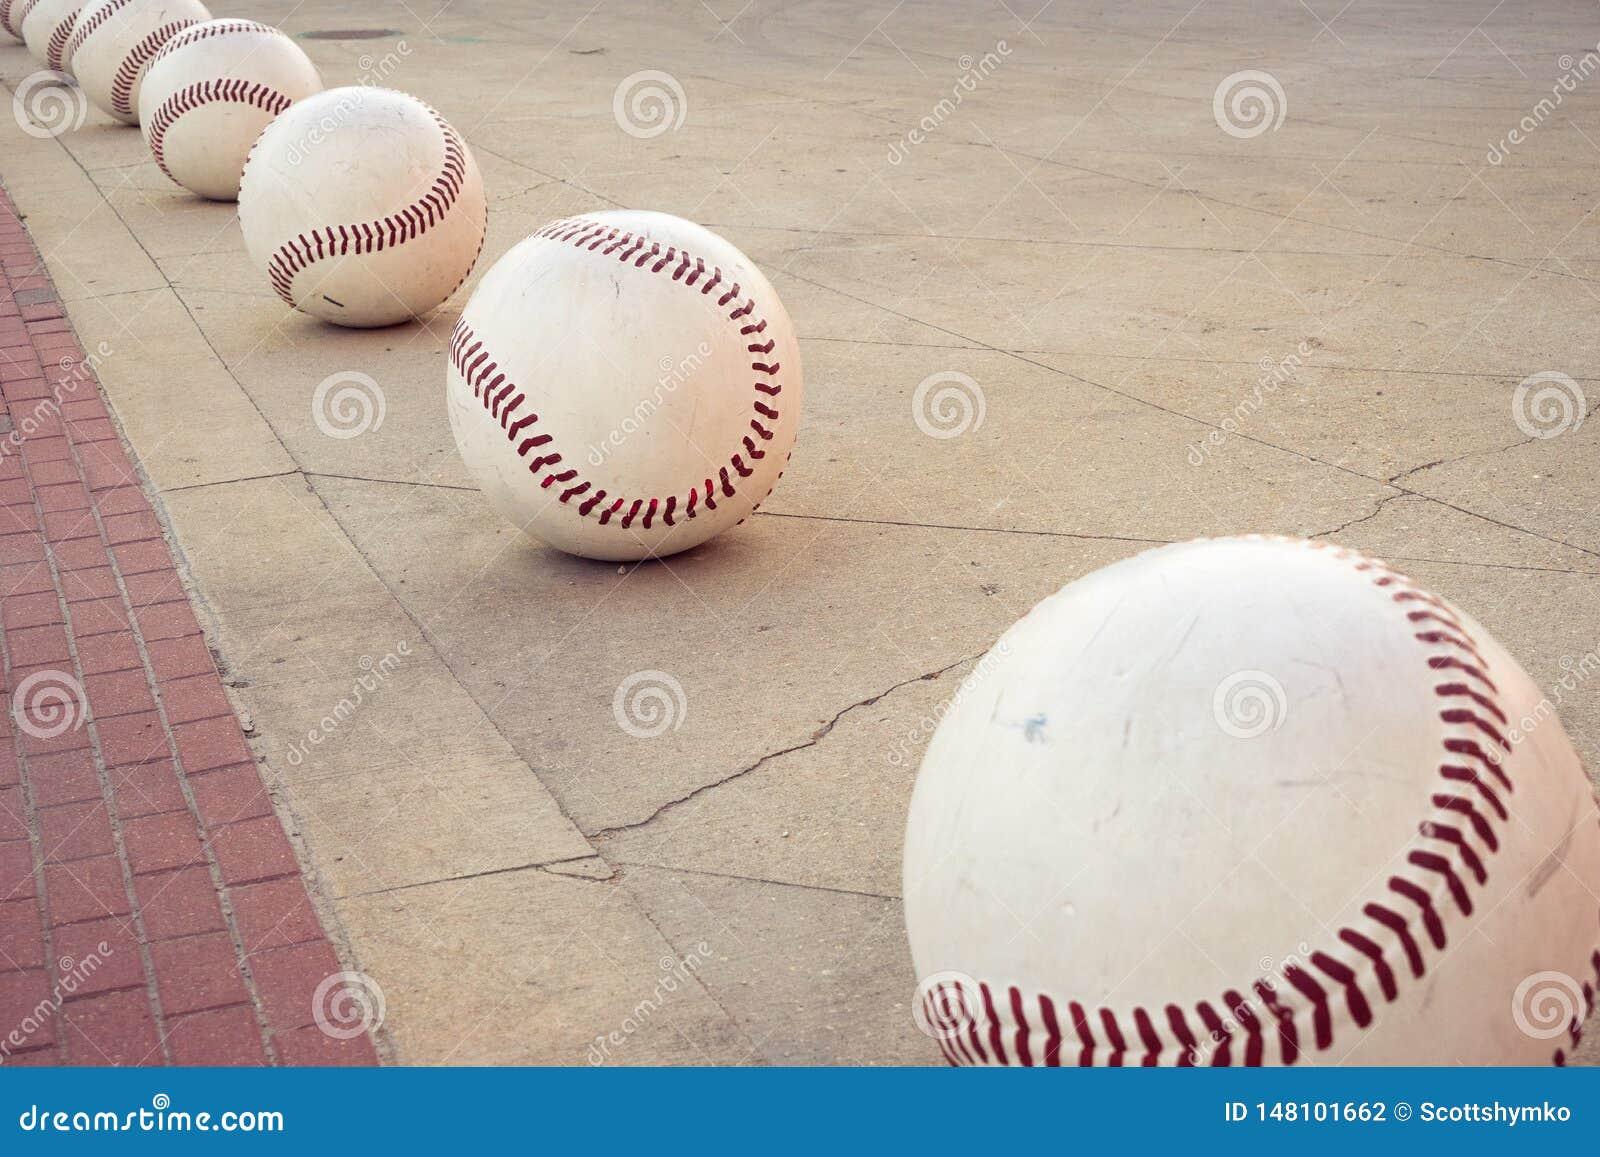 Overmaatse decoratieve baseballs vormen een weg langs een stoep